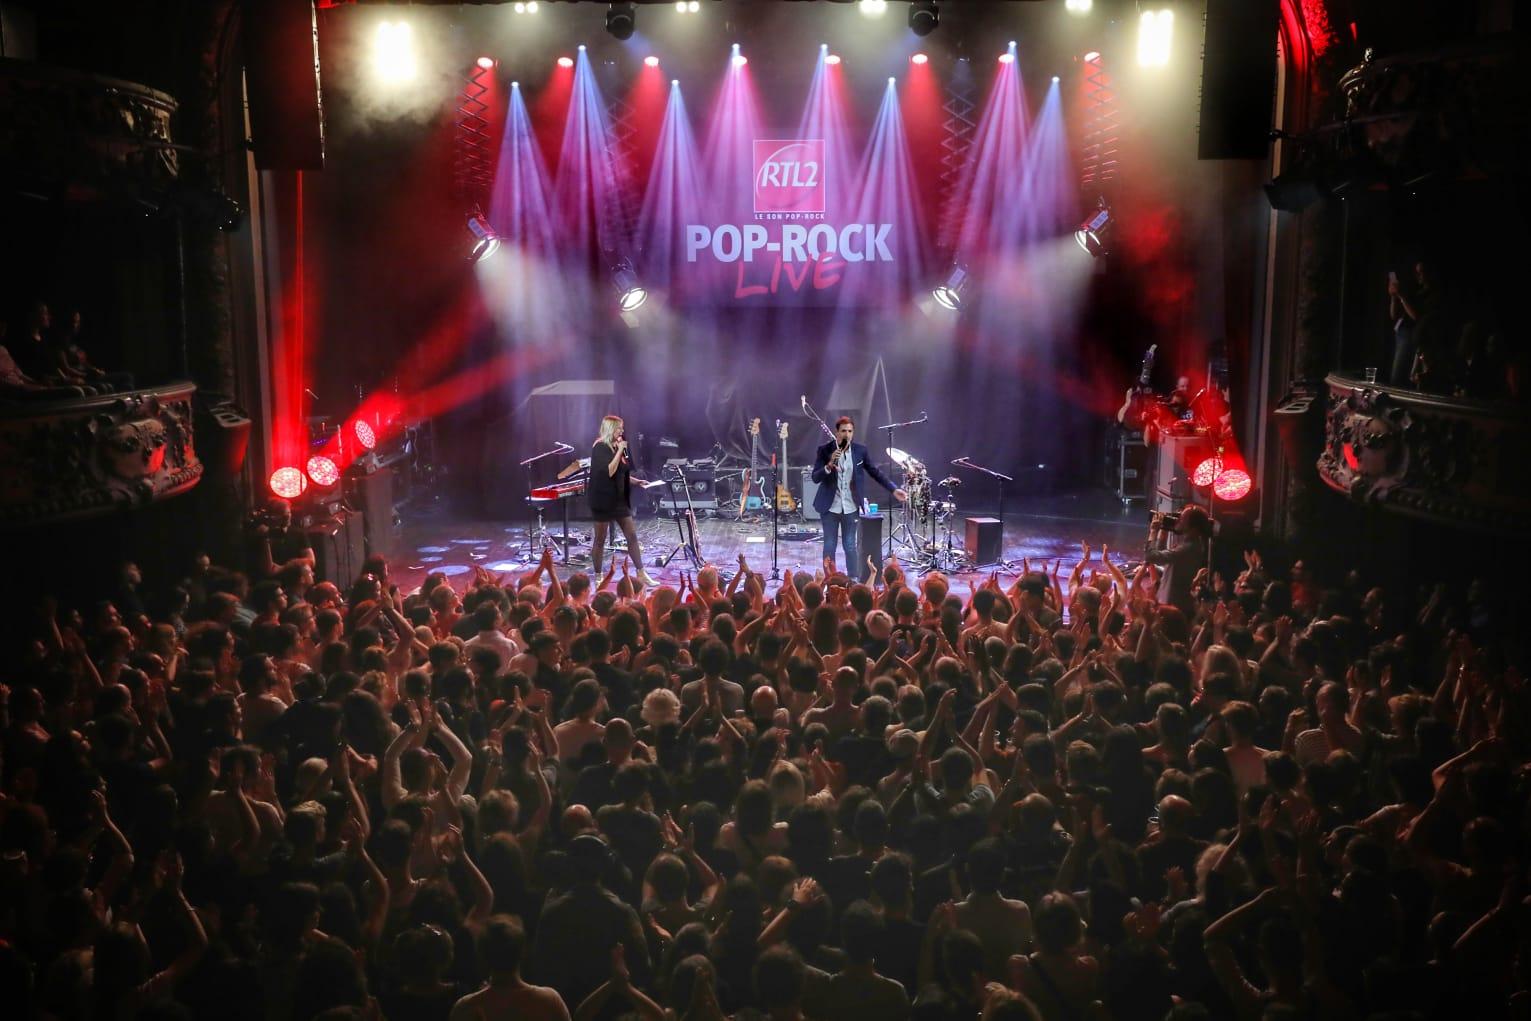 Justine Salmon et Grégory Ascher sur la scène du RTL2 Pop-Rock Live au Trianon